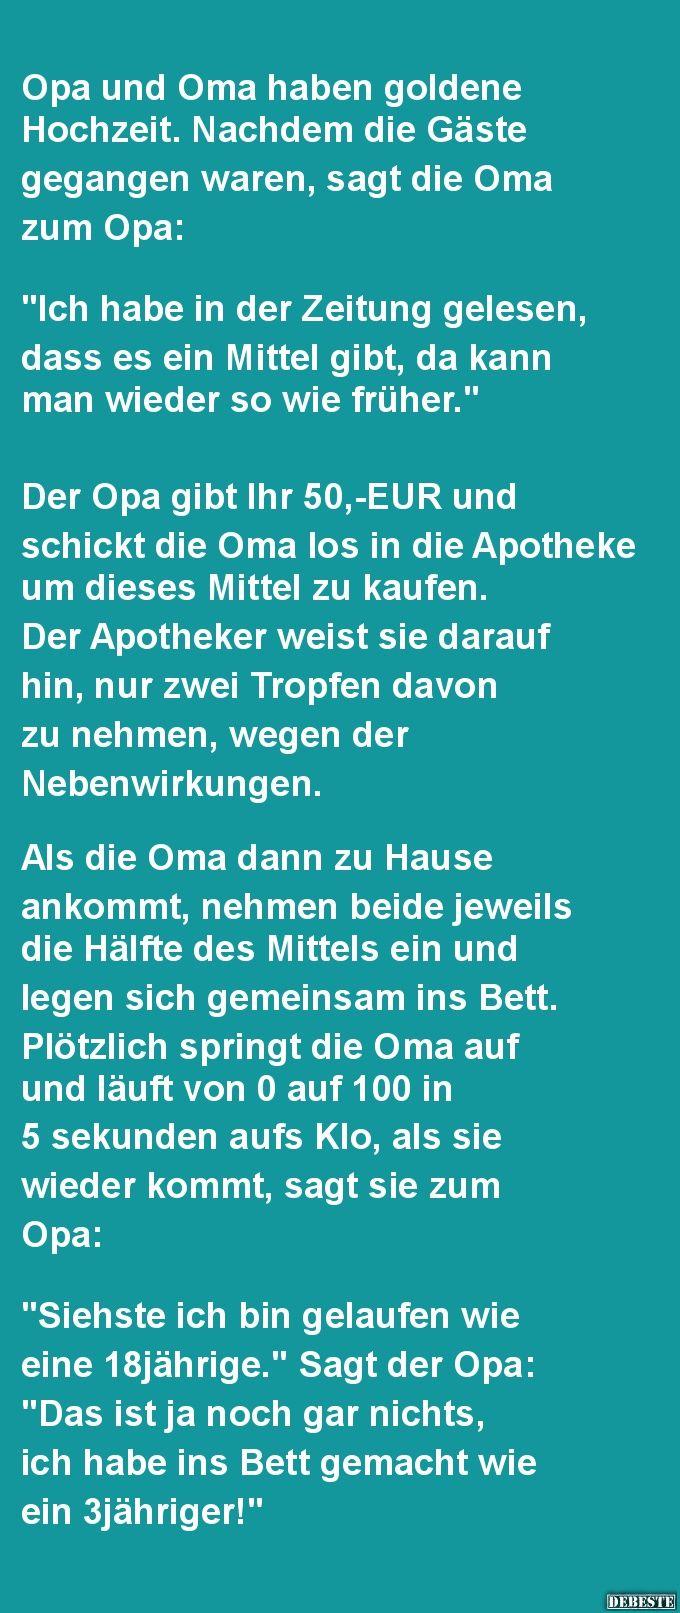 Opa Und Oma Haben Goldene Hochzeit. | Gedicht Hochzeit bestimmt für Geburtstagsgedichte Lustige Witzige Gedichte Und Coole Sprüche